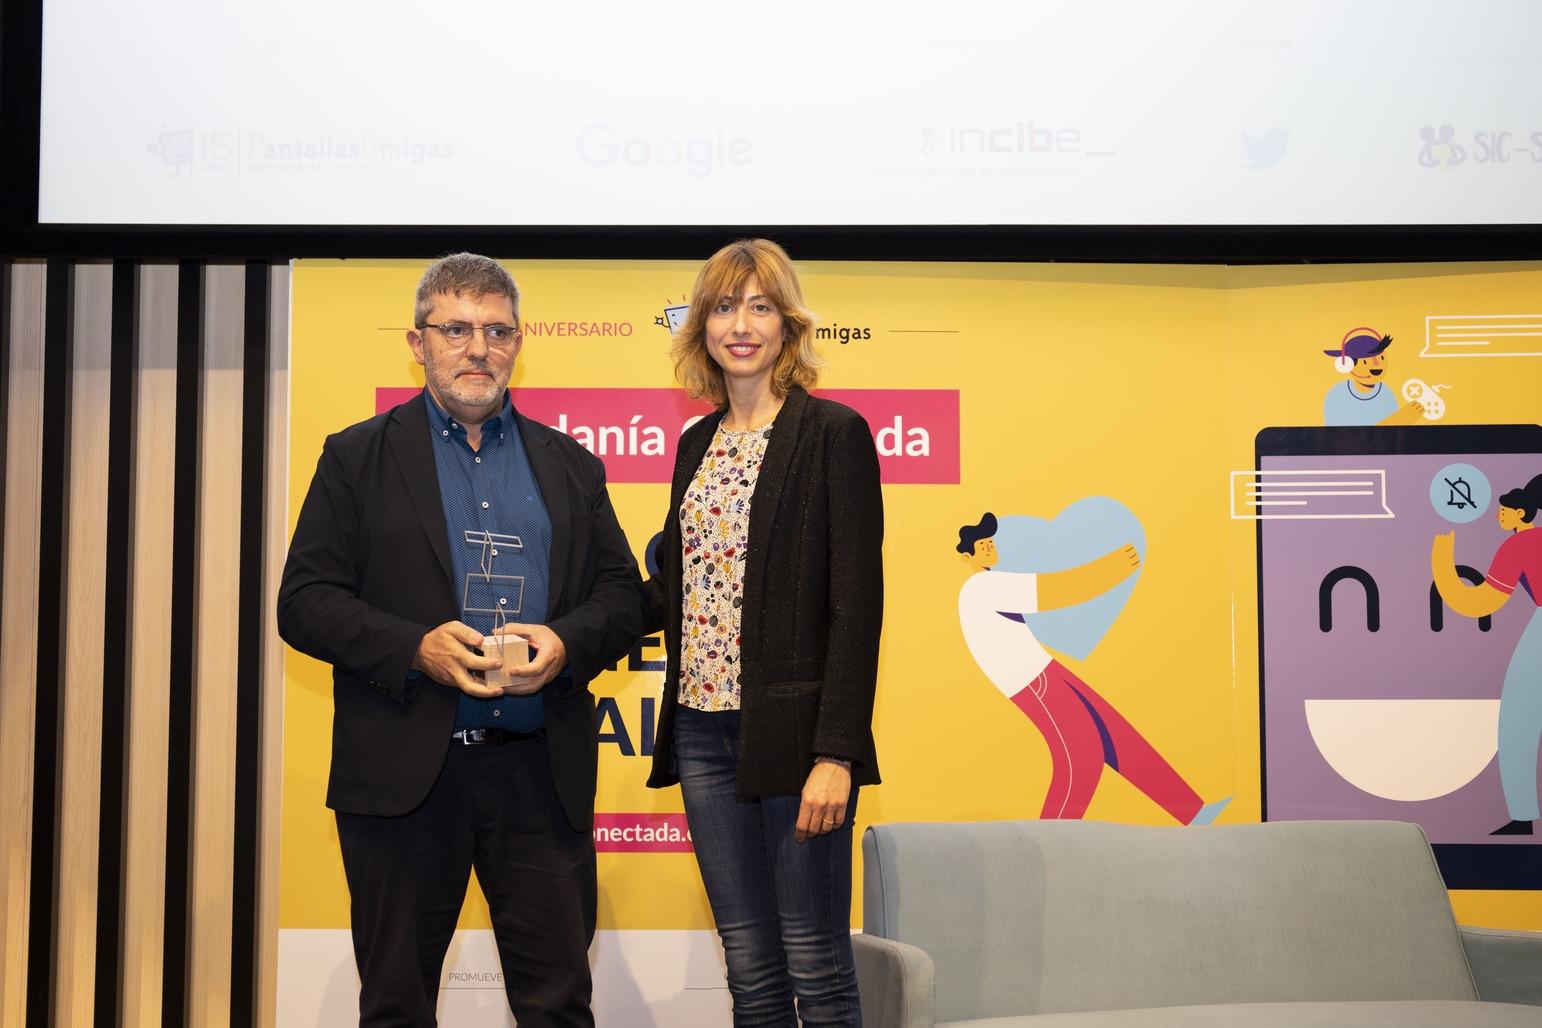 Premio-PantallasAmigas-Sensibilizacion-retos-emergentes-Levanta-la-cabeza-Mario-Tascon